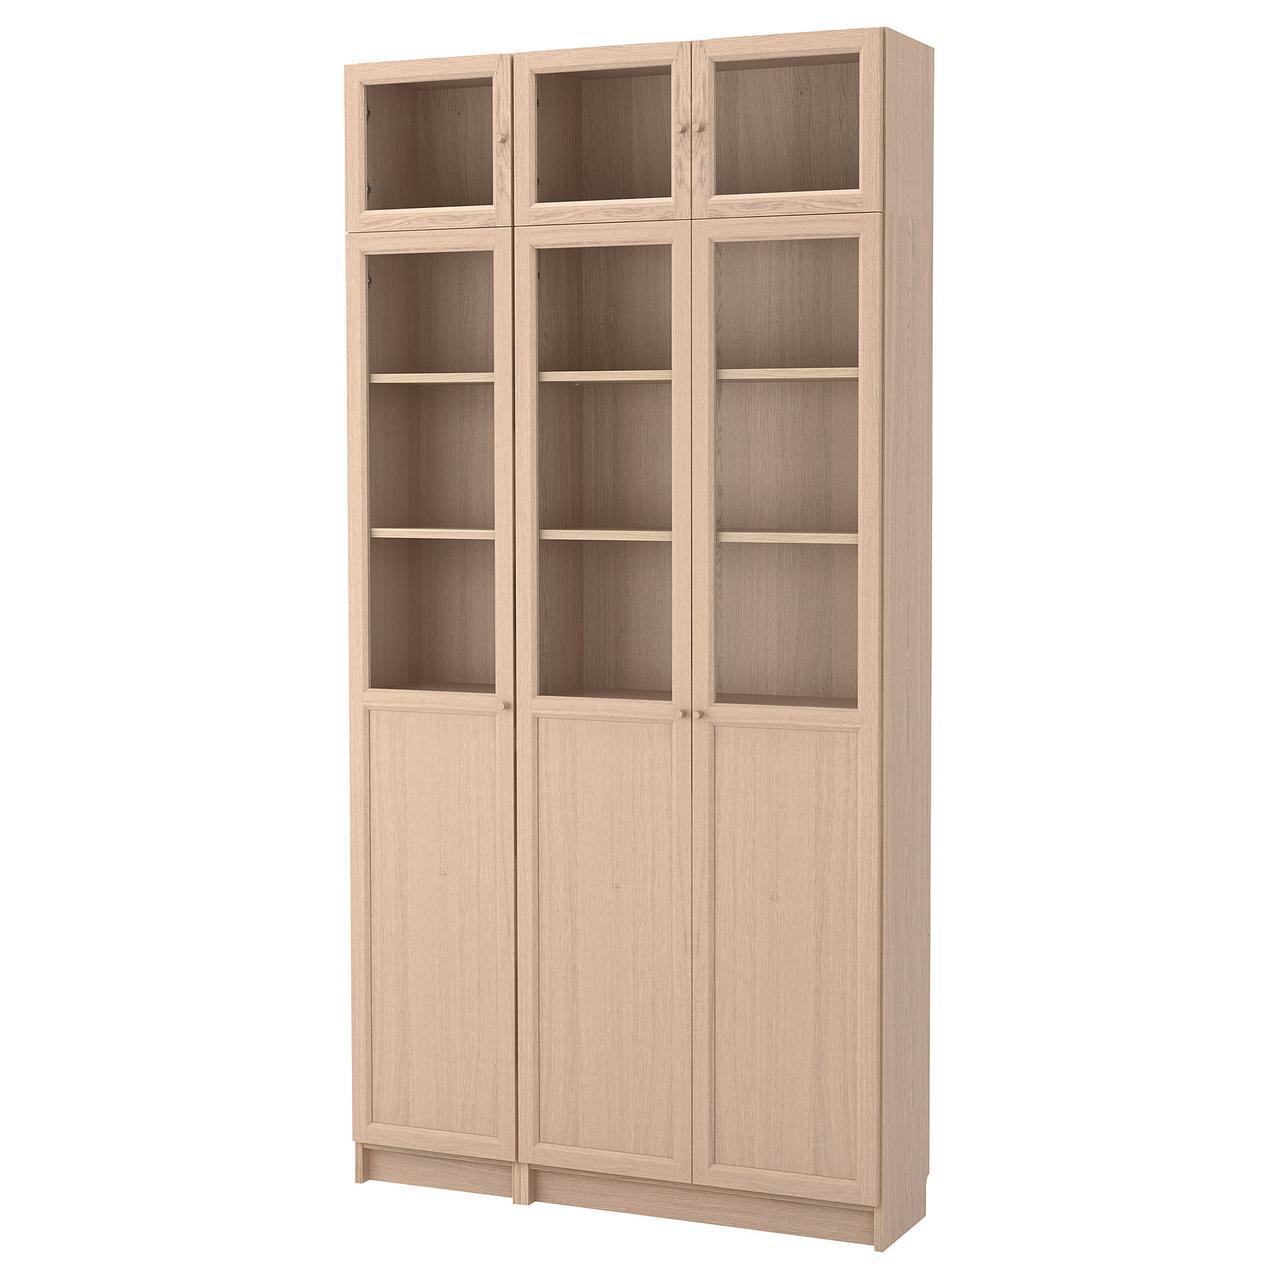 Стеллаж IKEA BILLY / OXBERG 120x237x30 см беленый дуб стеклянные дверки 792.499.60